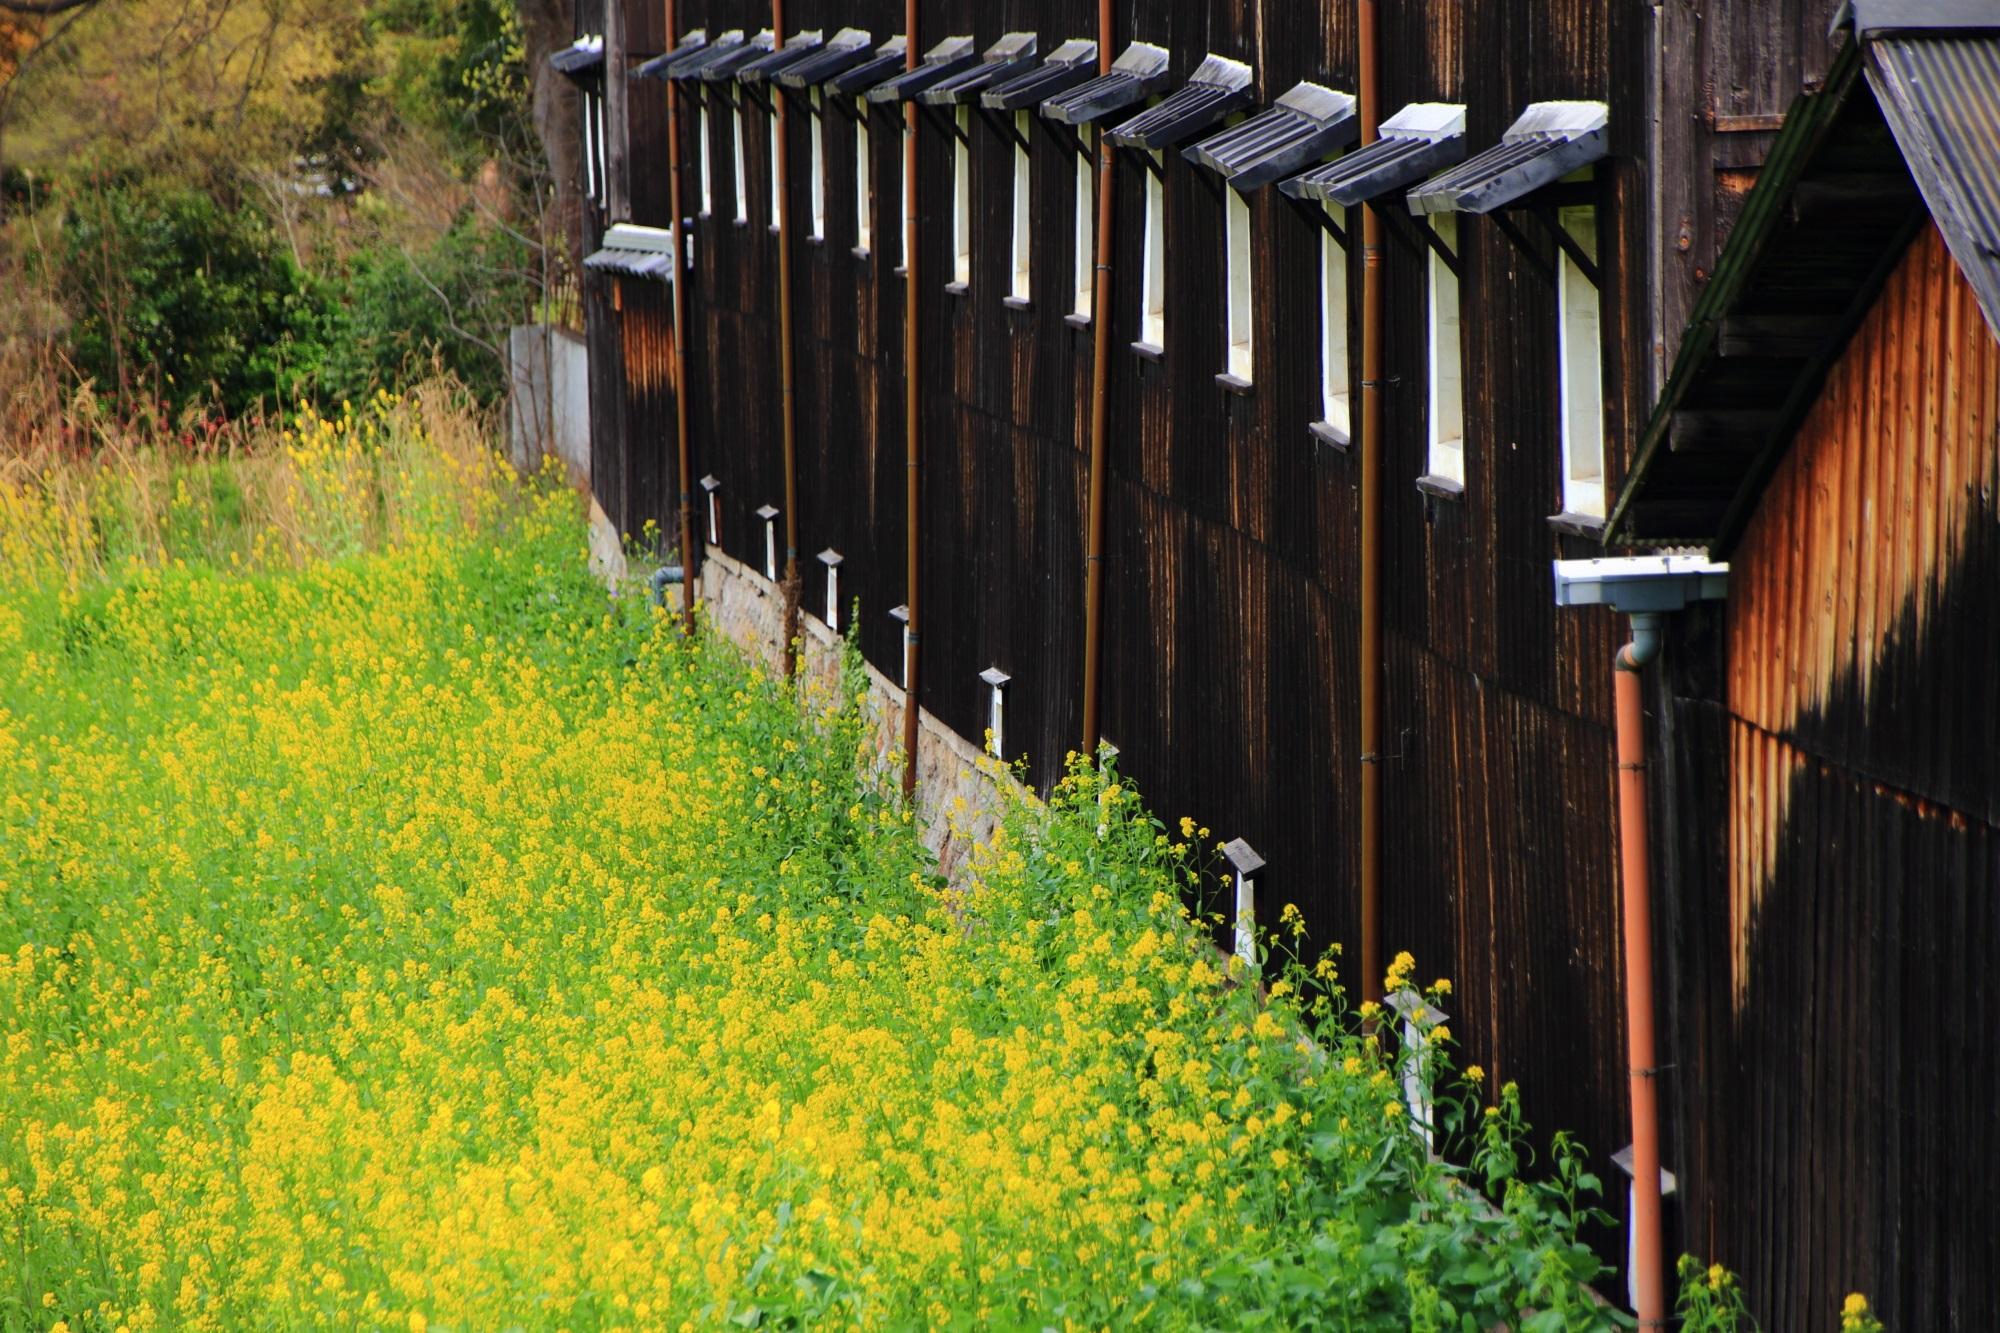 松本酒造 菜の花 伏見酒蔵の黄色い春の彩り